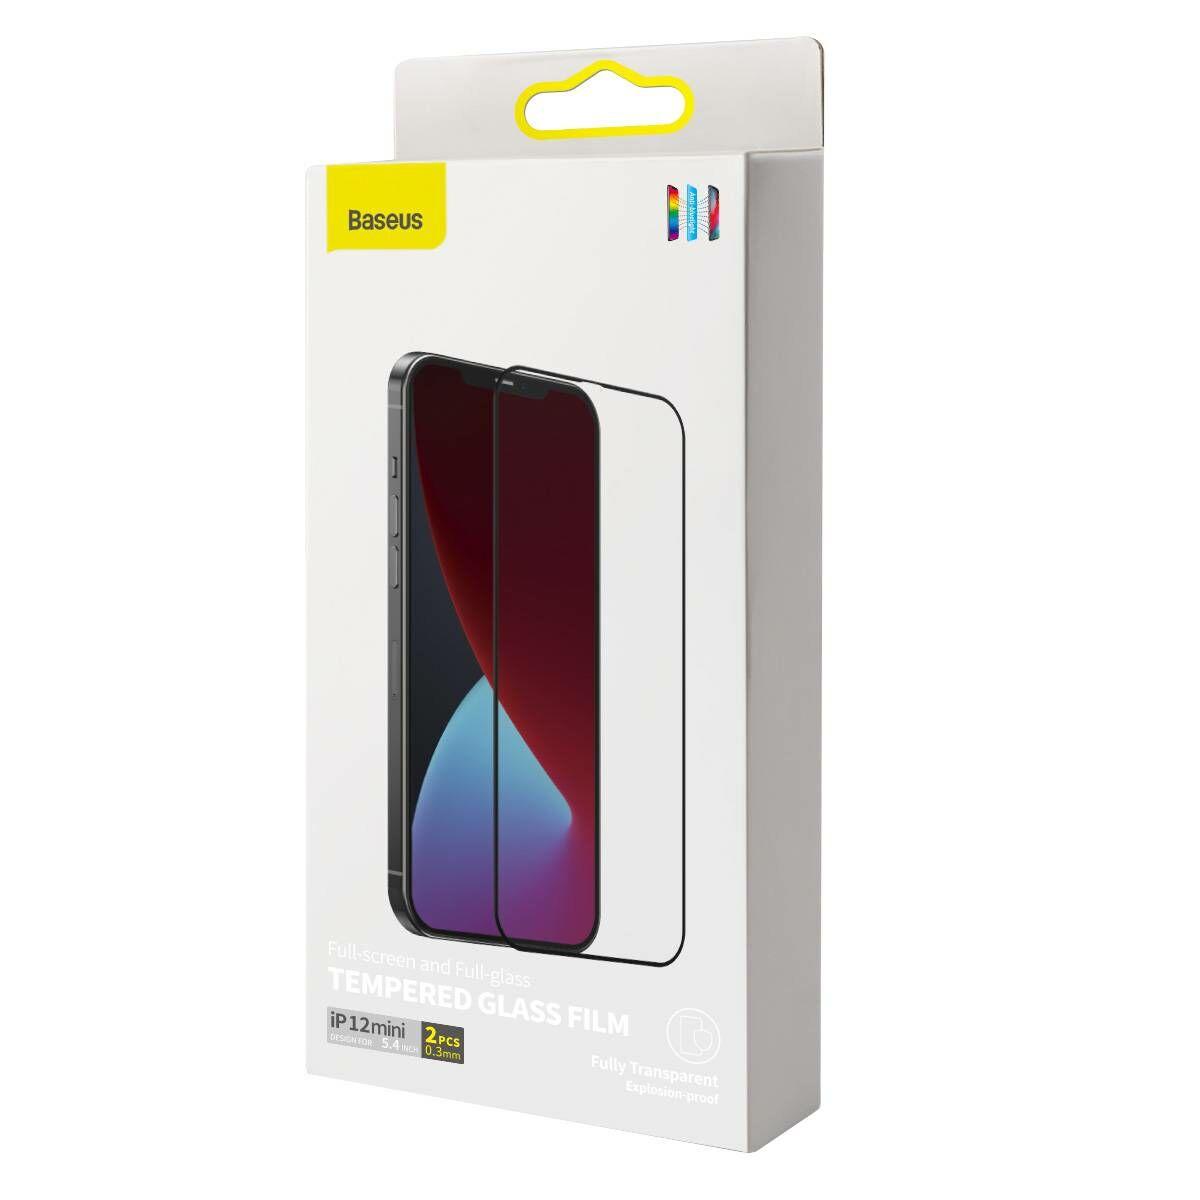 Baseus iPhone 12 mini 0.3 mm, teljes felületre, edzett üveg, kékfény szűrős (2db + keret), fekete (SGAPIPH54N-KN01)